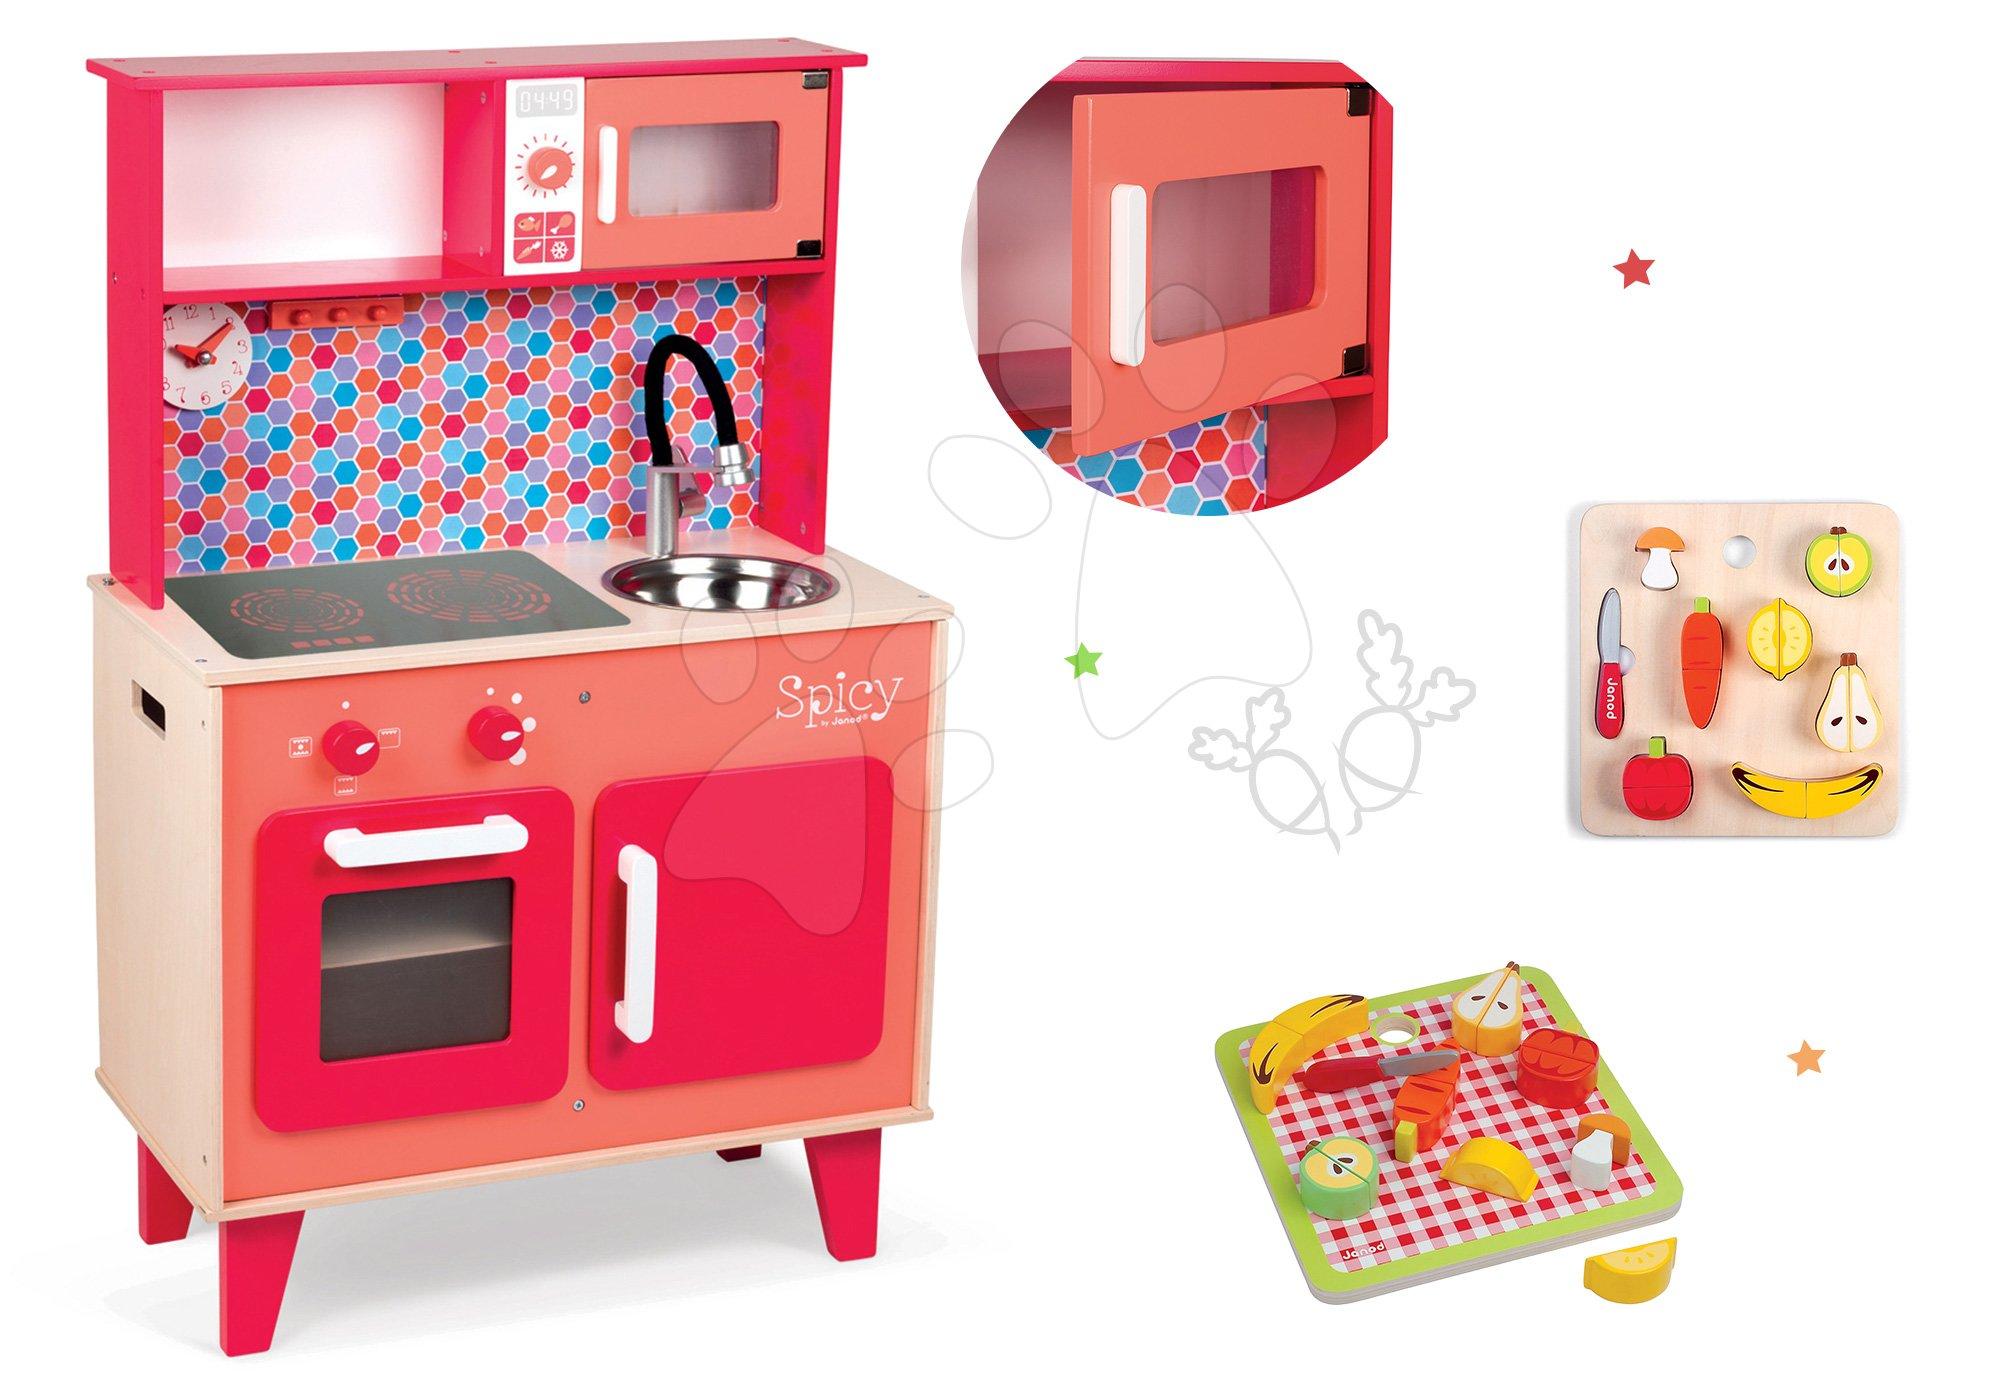 Janod set drevená kuchynka Spicy Cooker červená a drevené ovocie a zelenina 06573-1